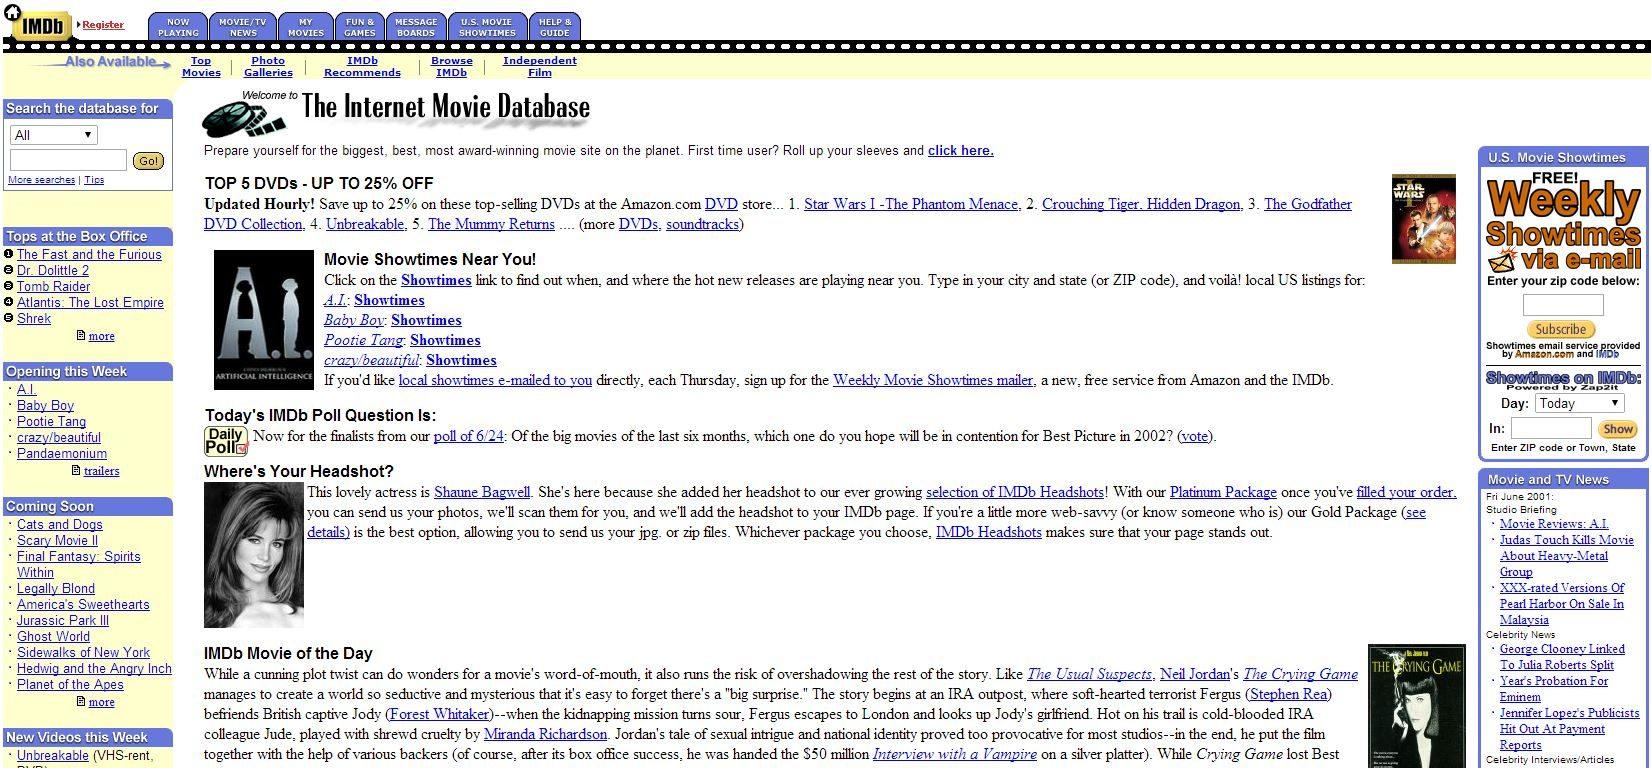 imdb-2001